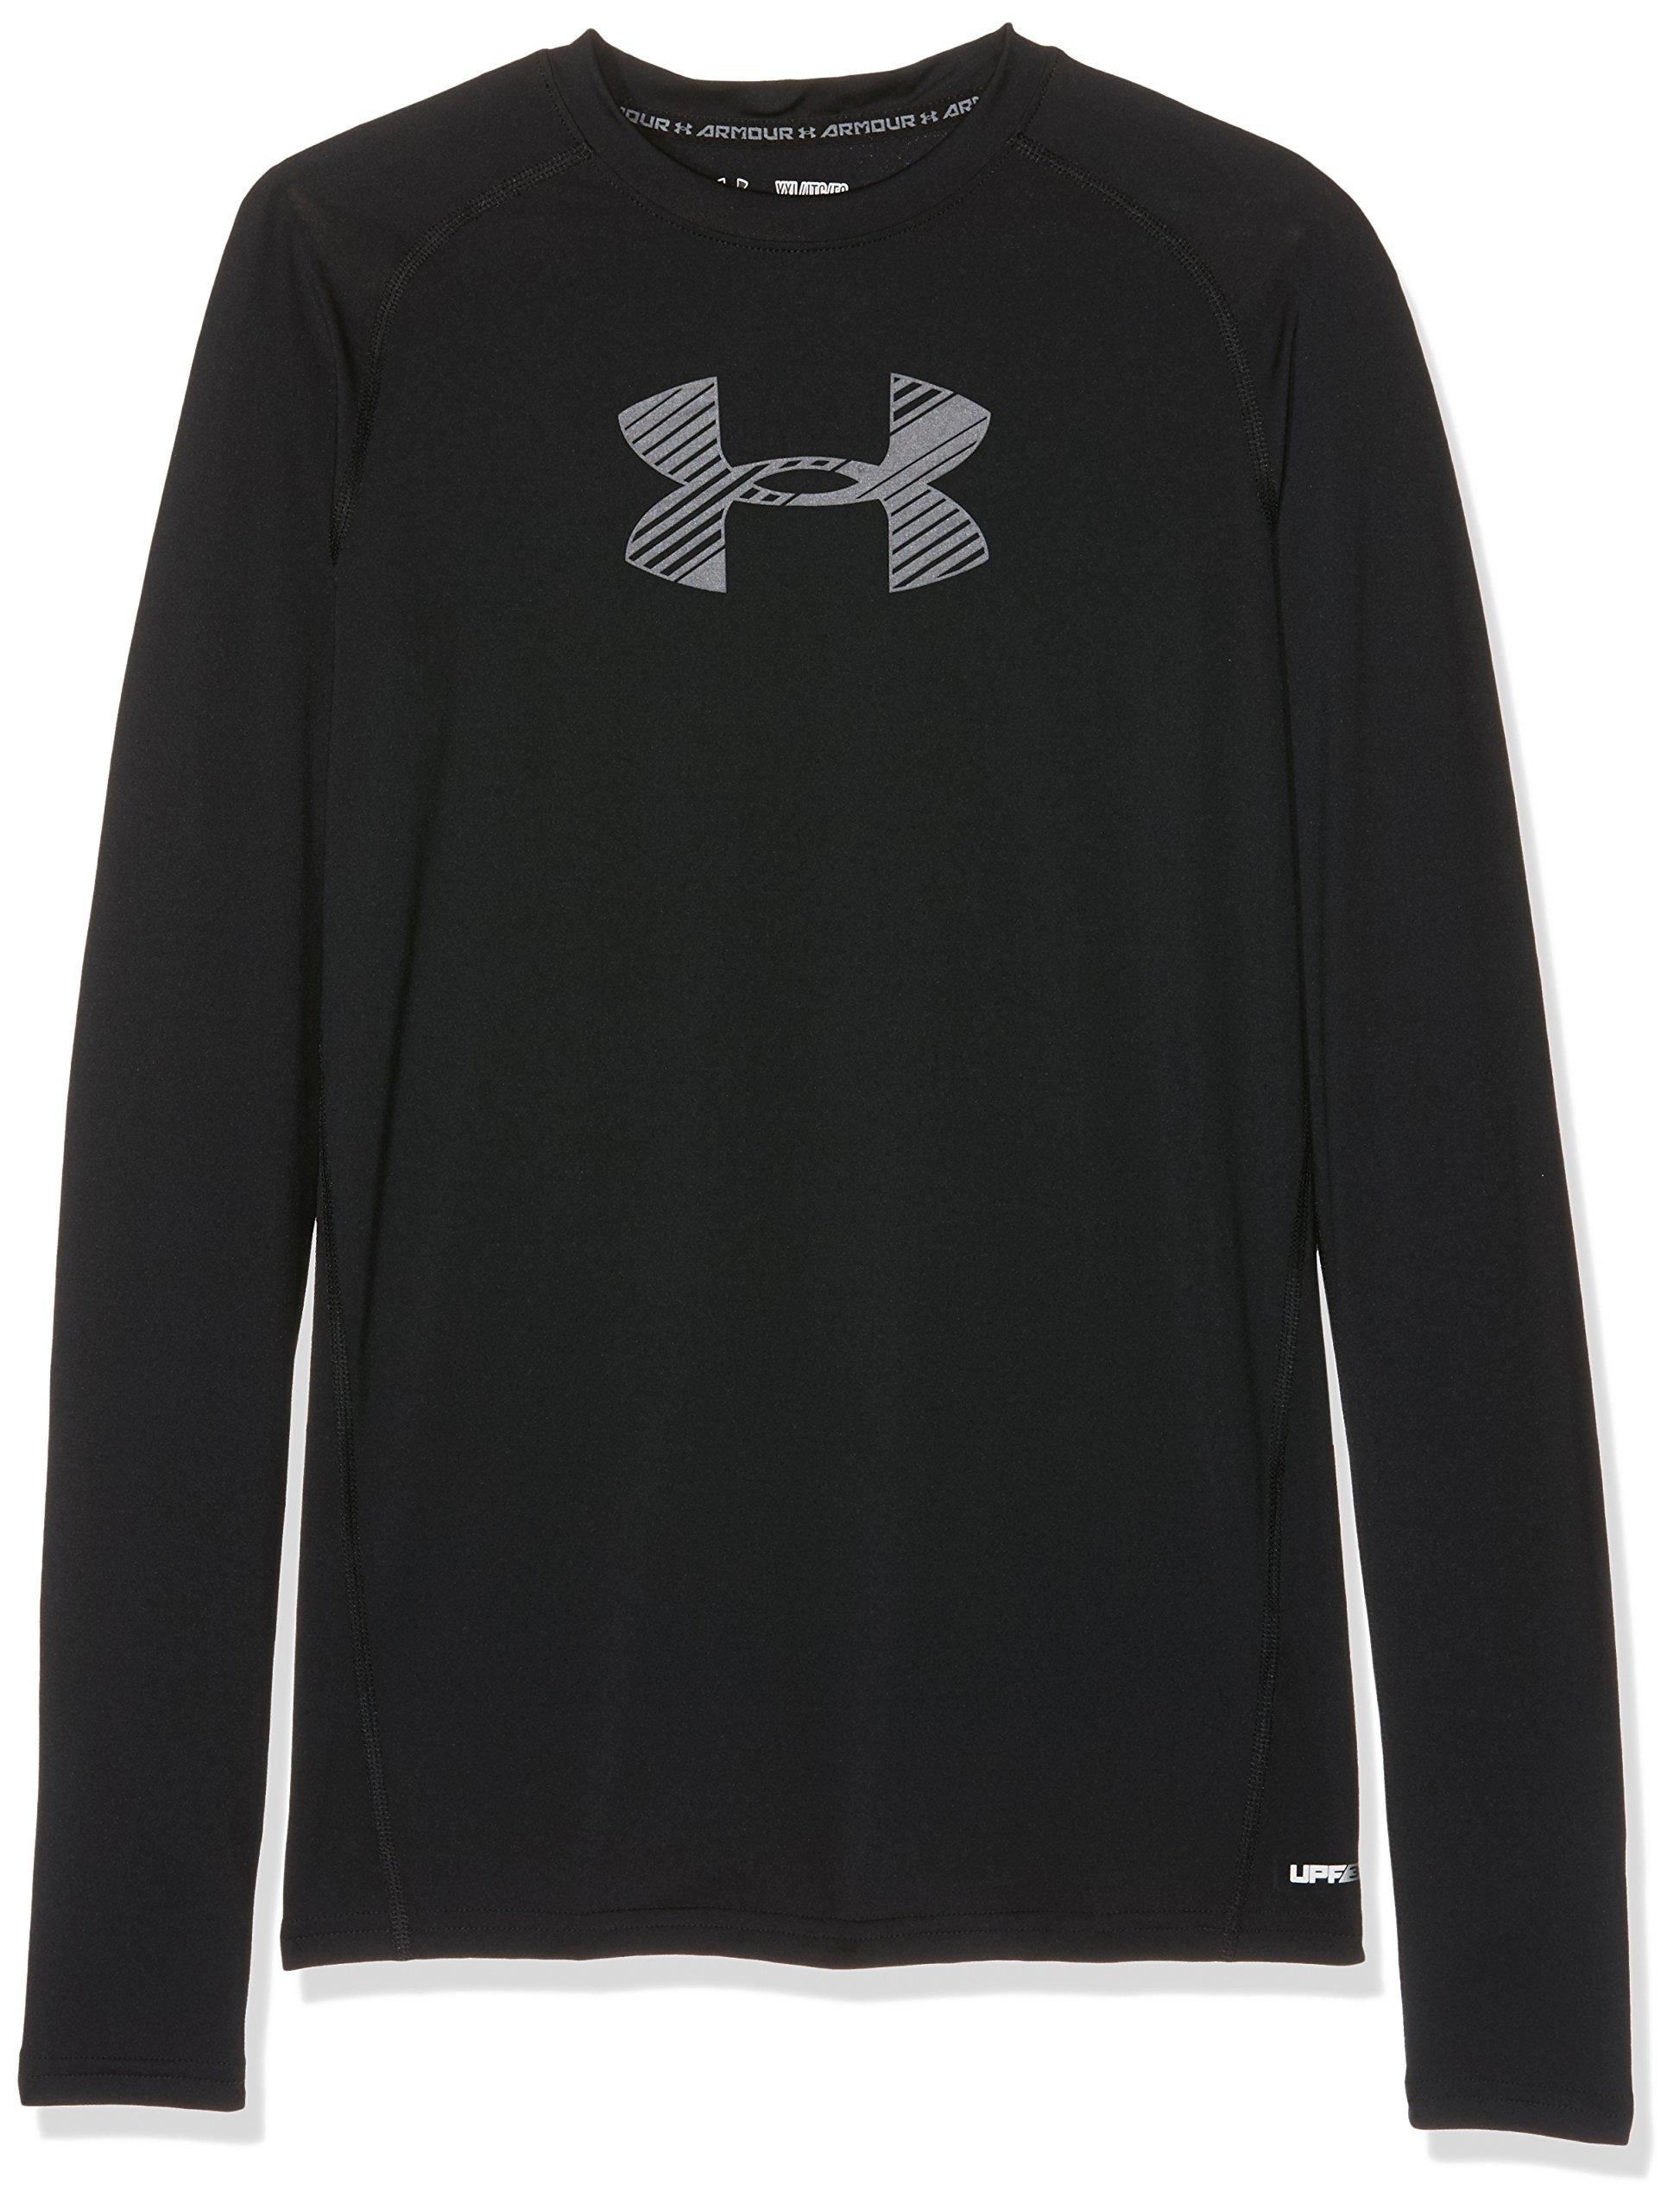 Under Armour Boys' HeatGear Armour Long Sleeve, Black /Graphite, Youth X-Small